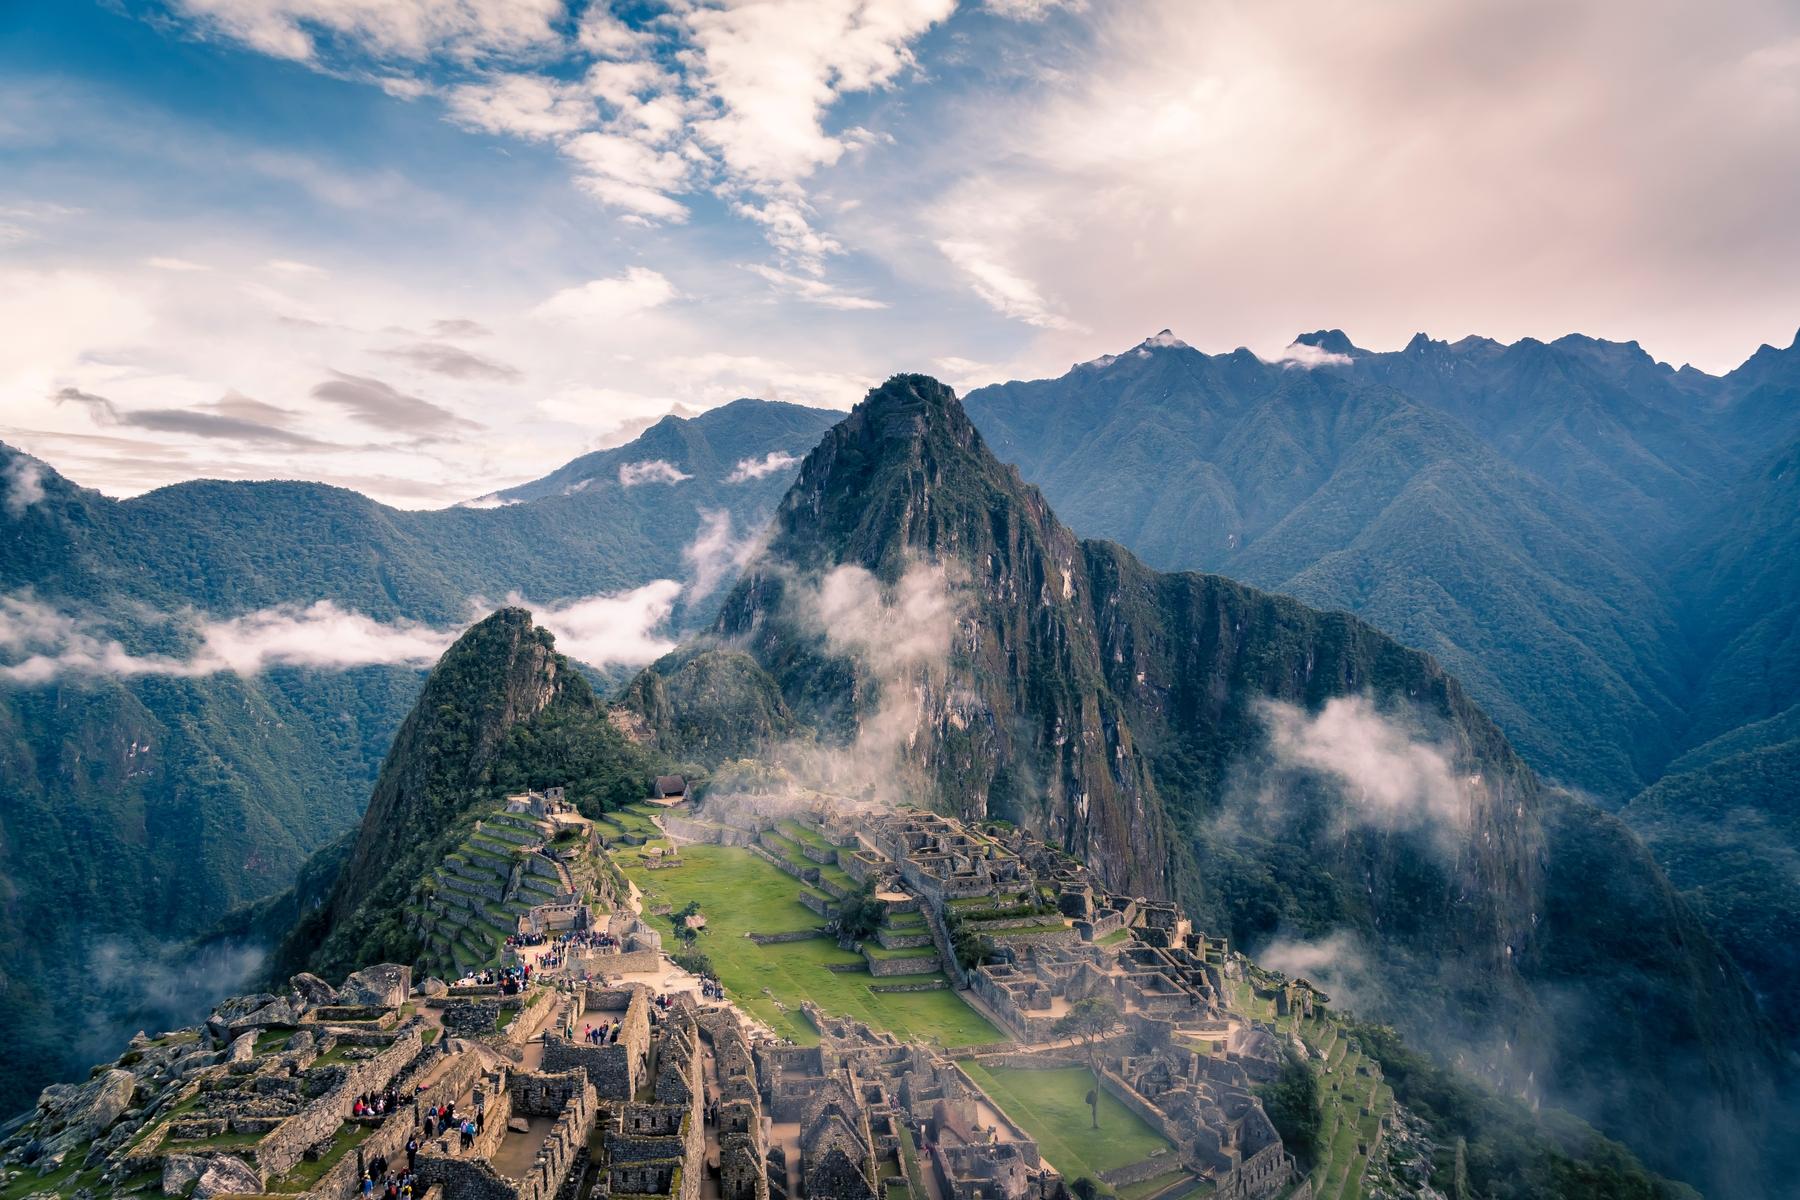 秘魯印加古道